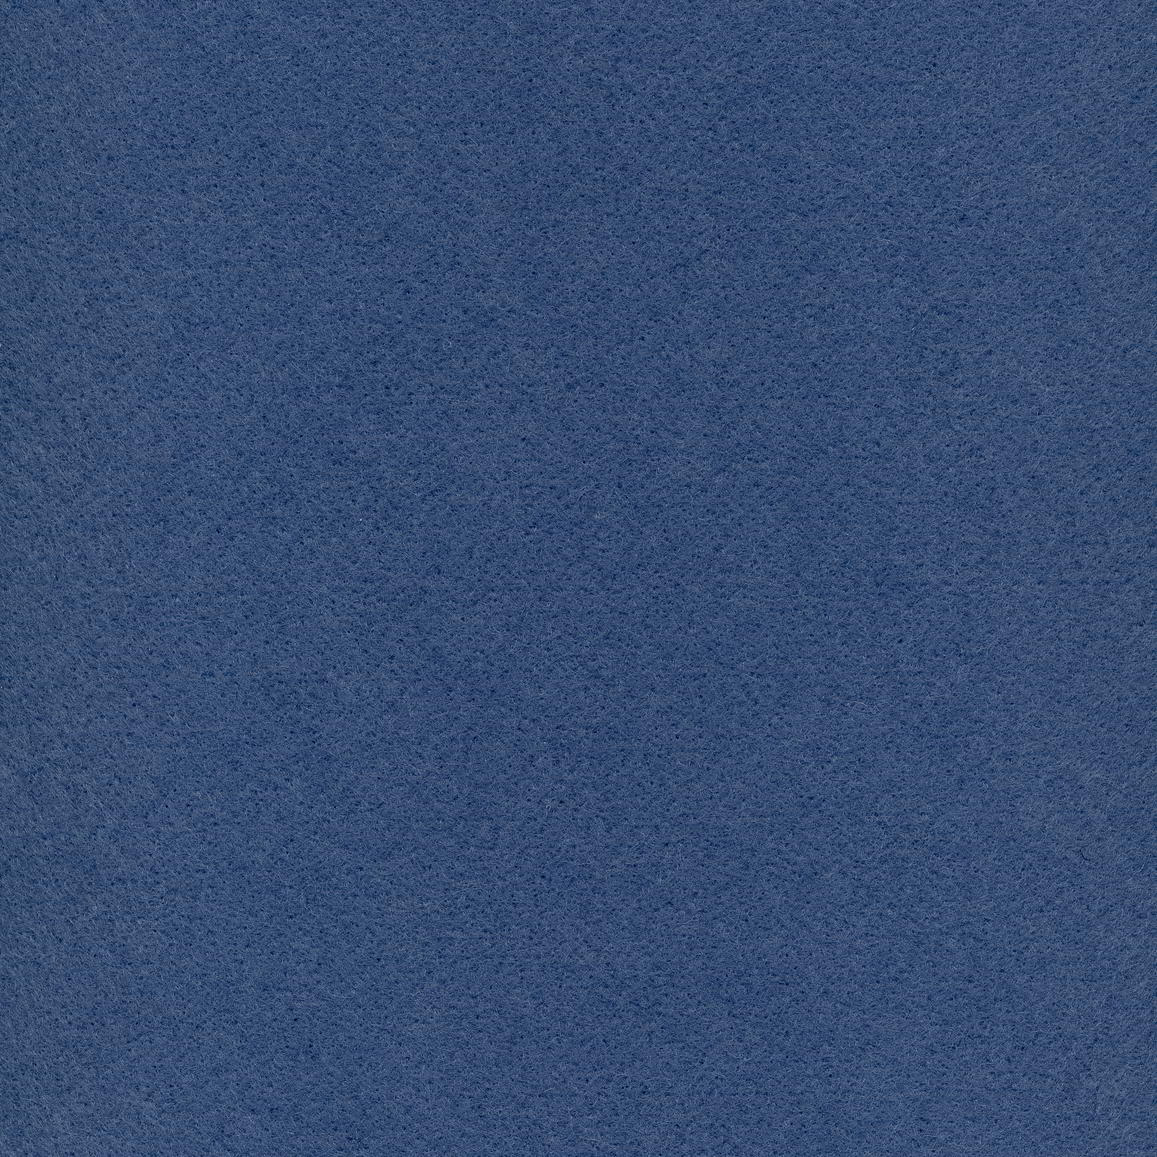 fernblau